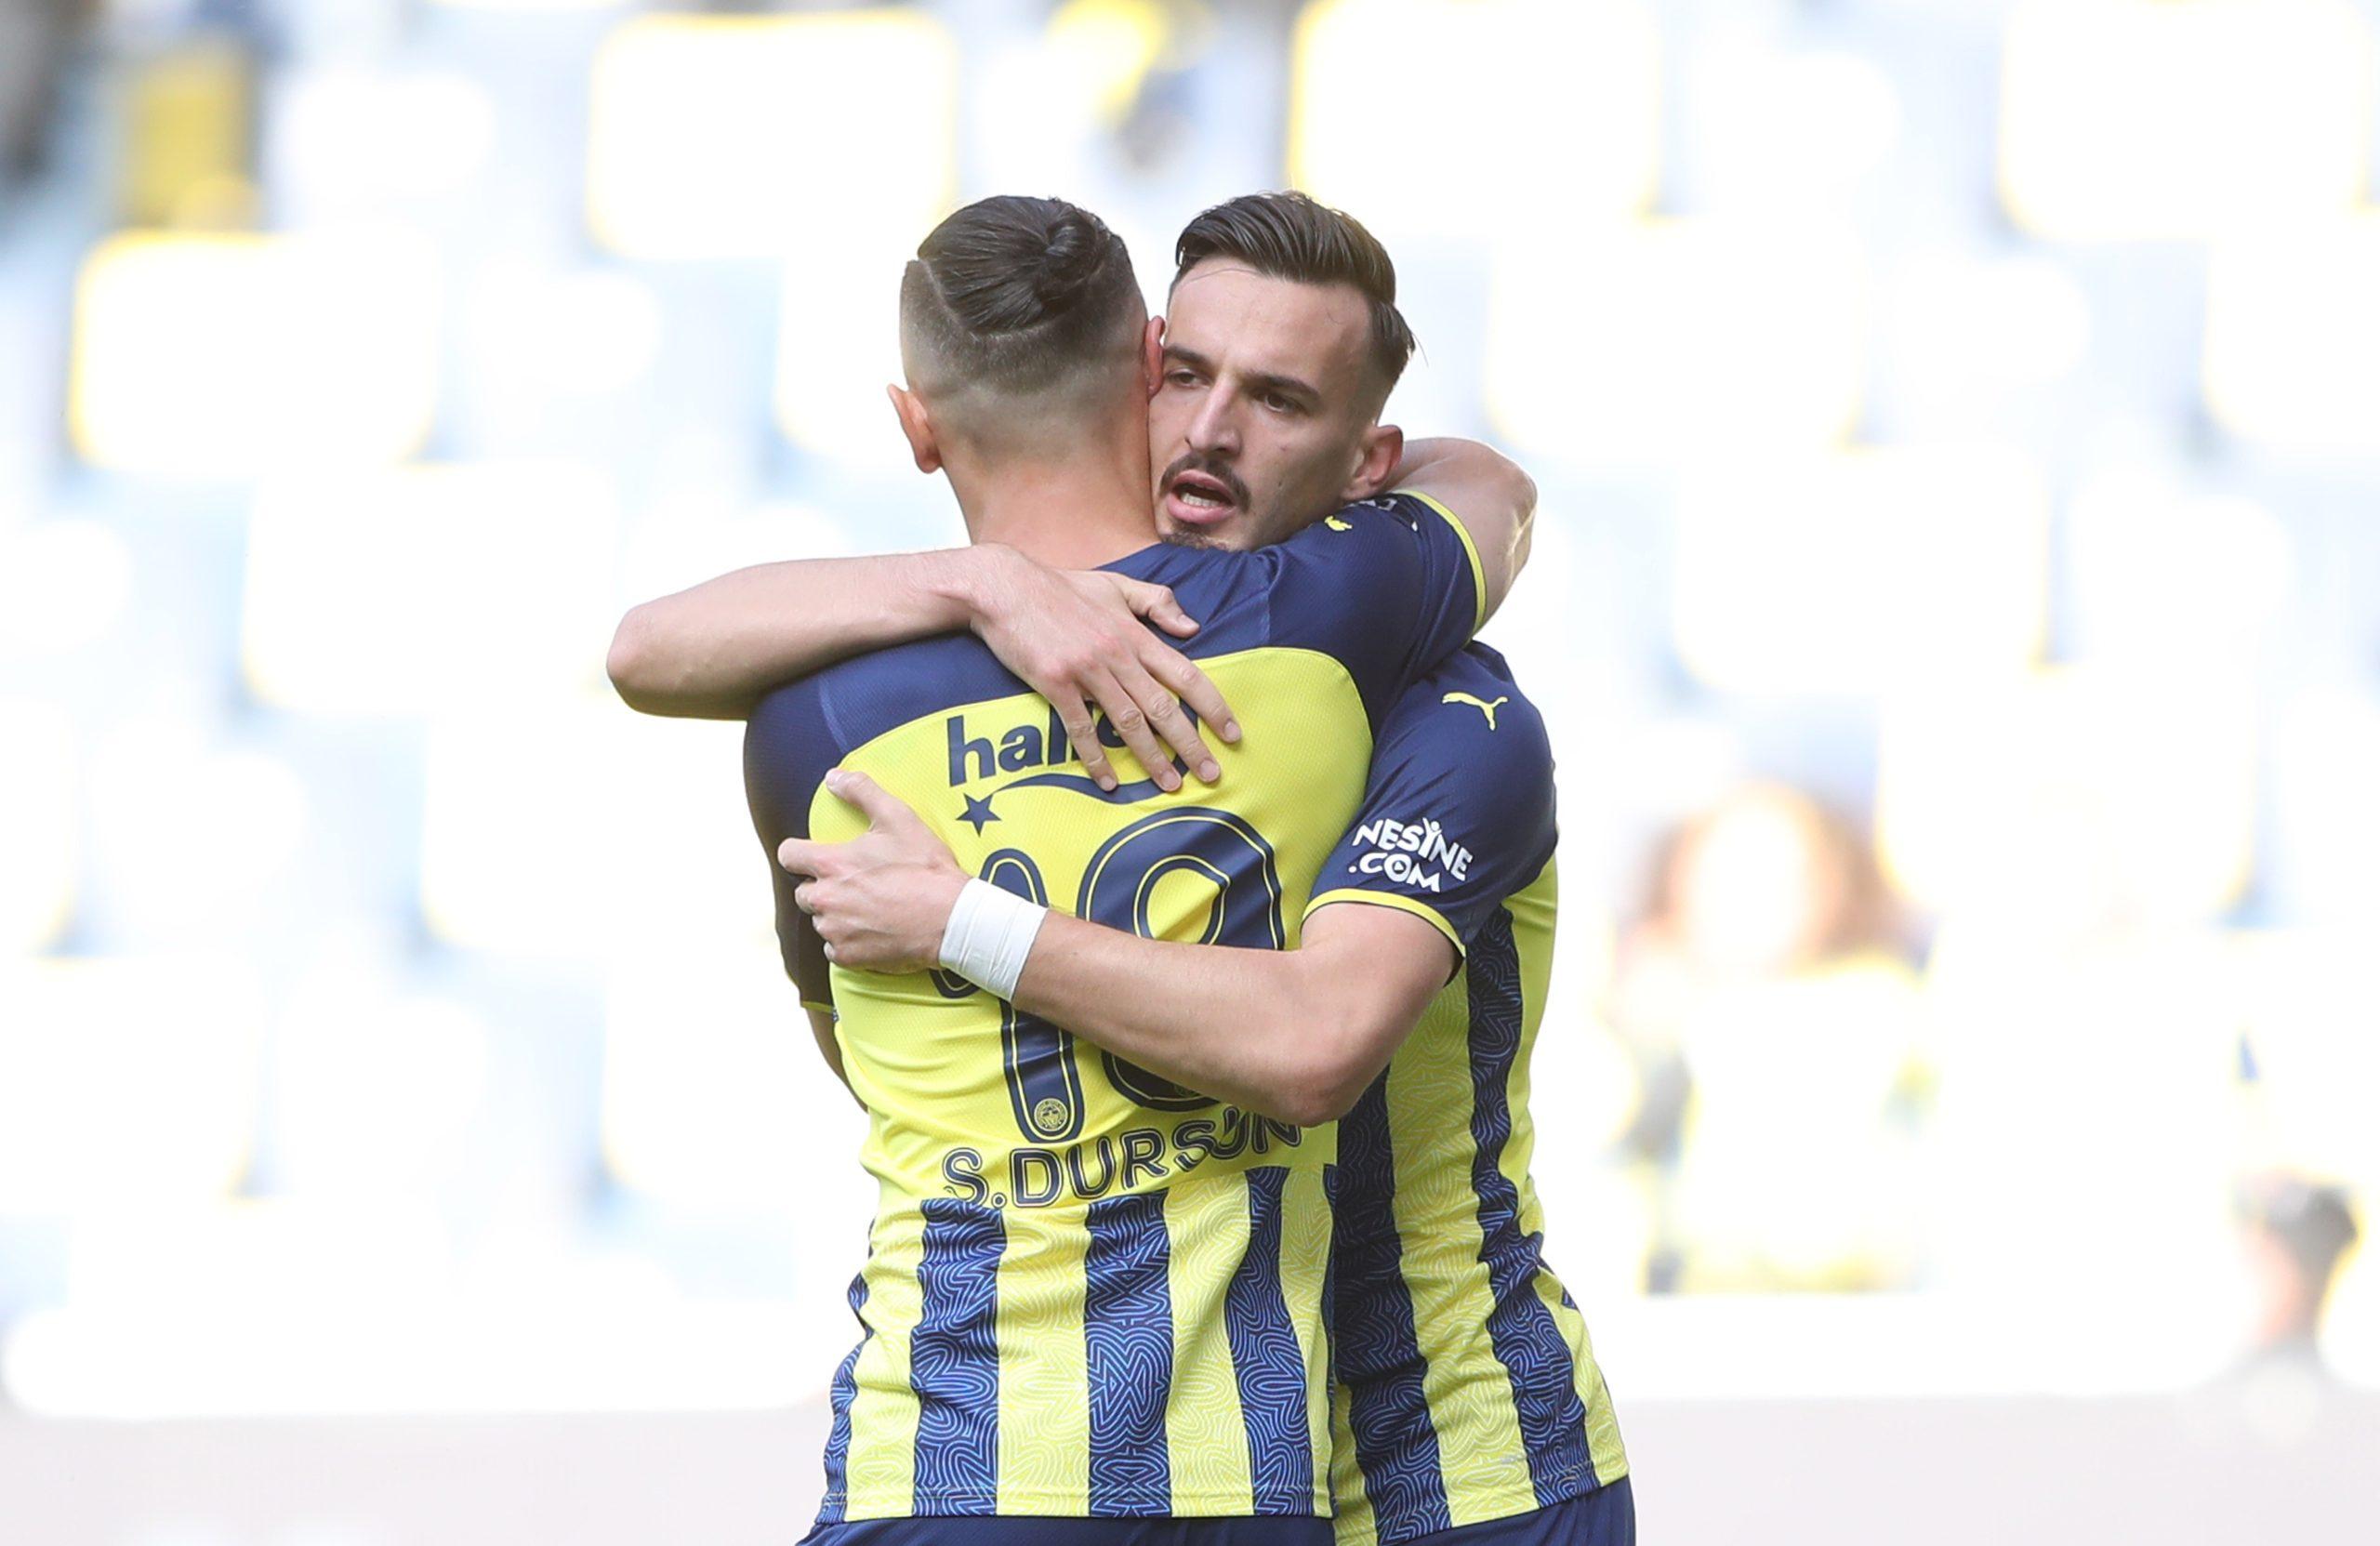 Fenerbahçe Liderliğe devam etti 2-1